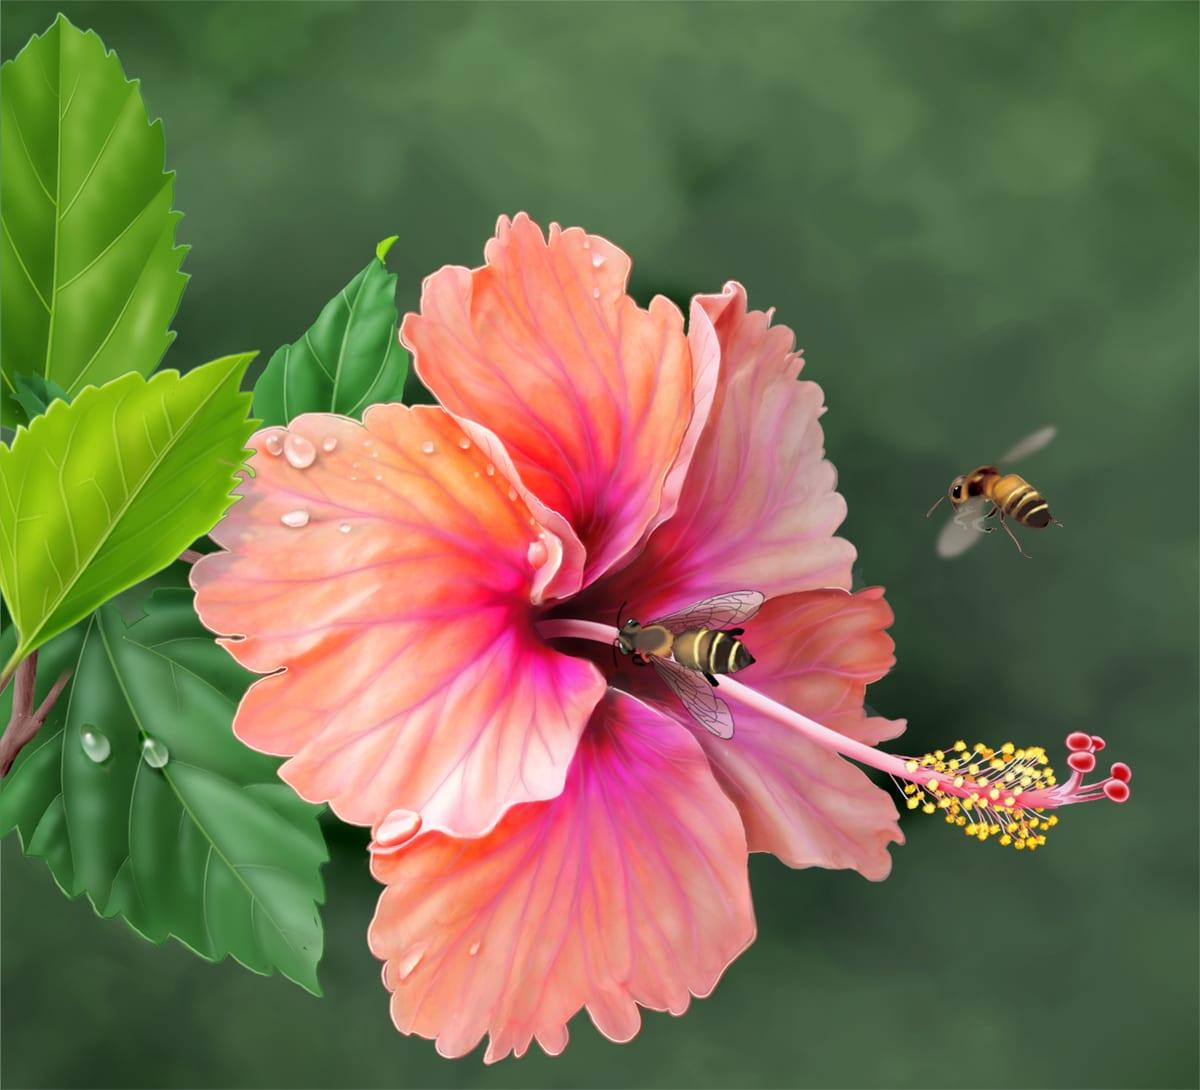 Hibiscus flower or bunga raya